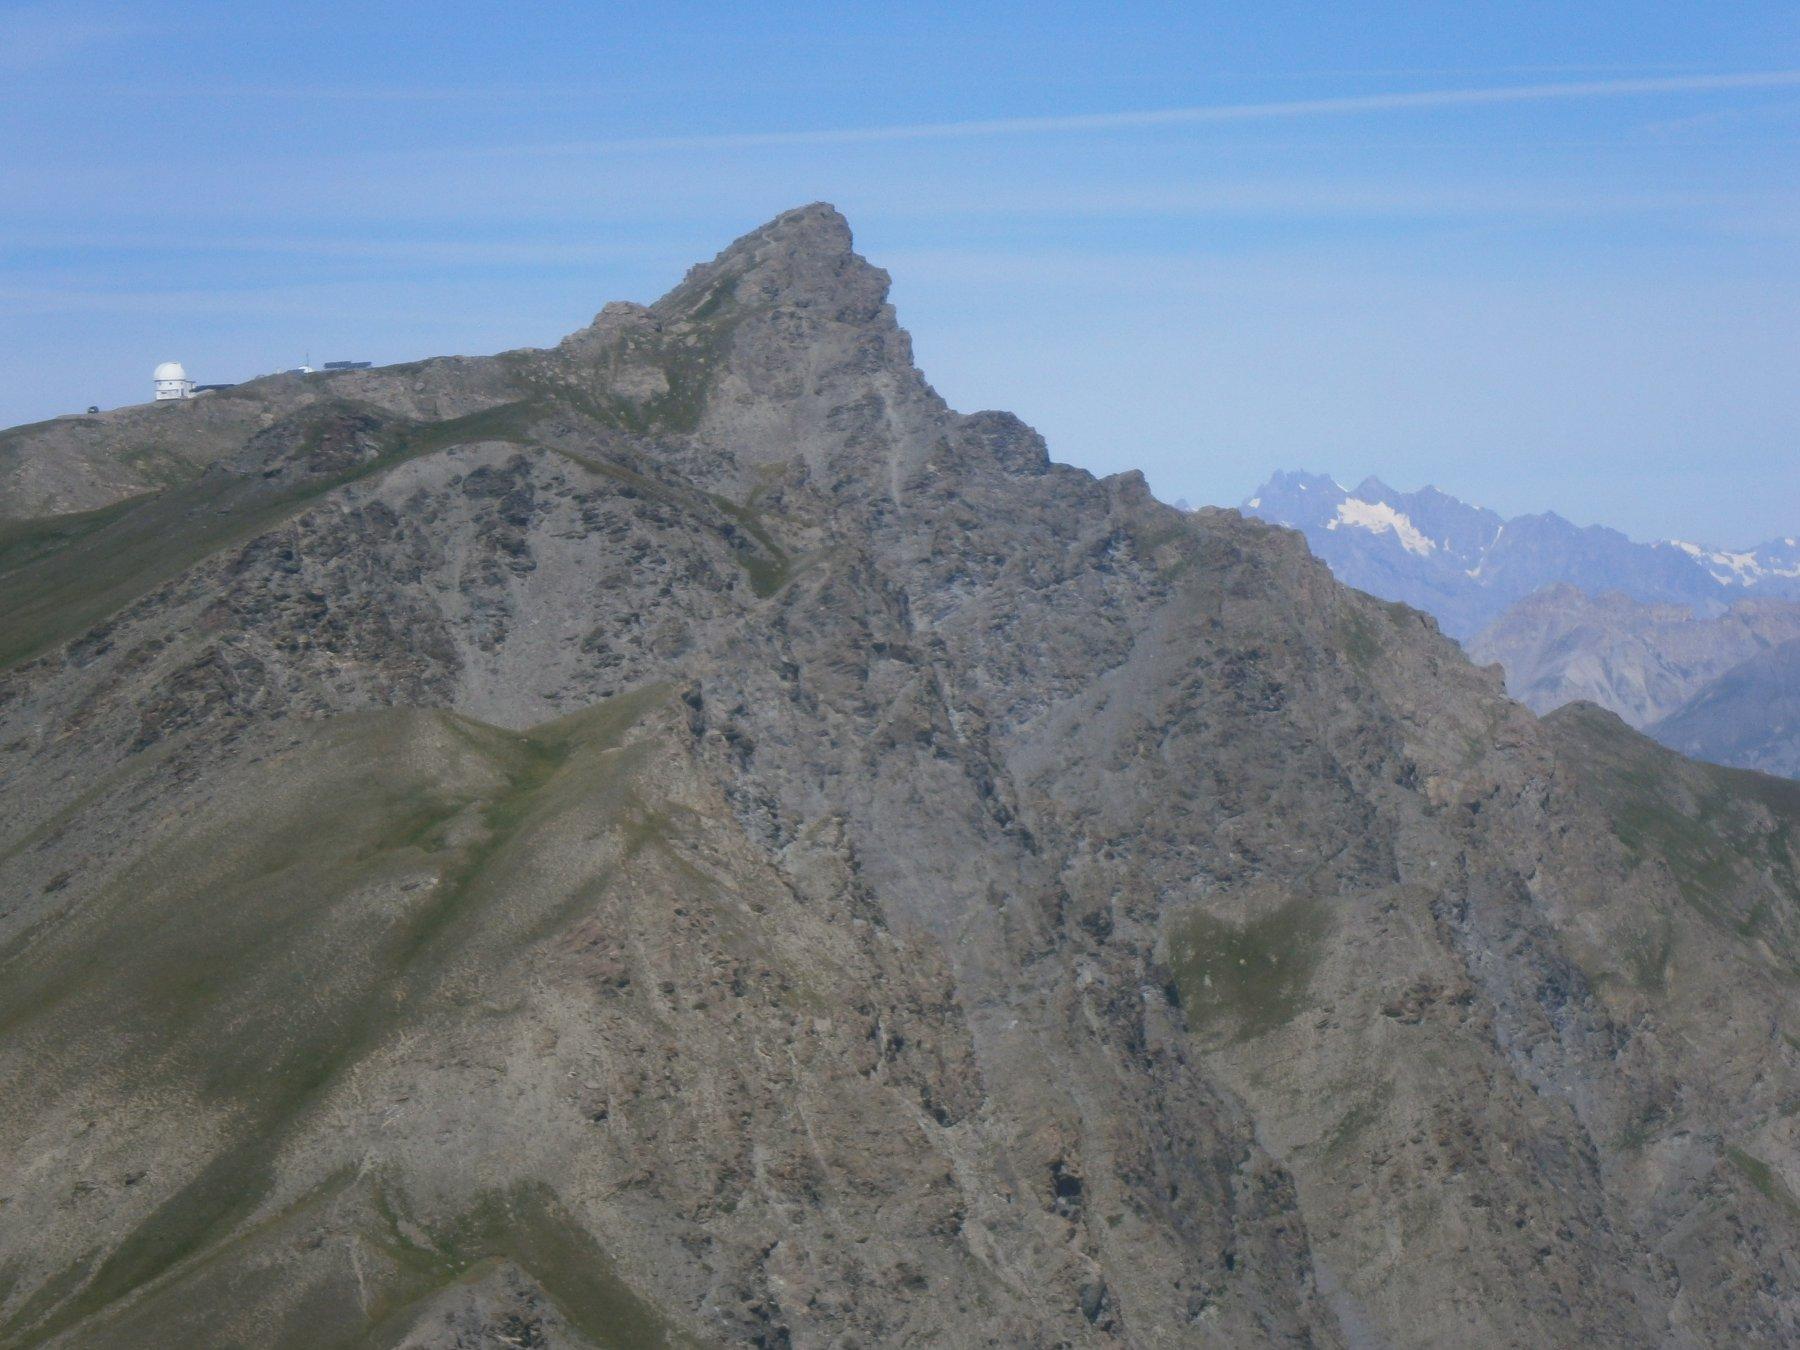 La bella cima vista dal pic Traversier